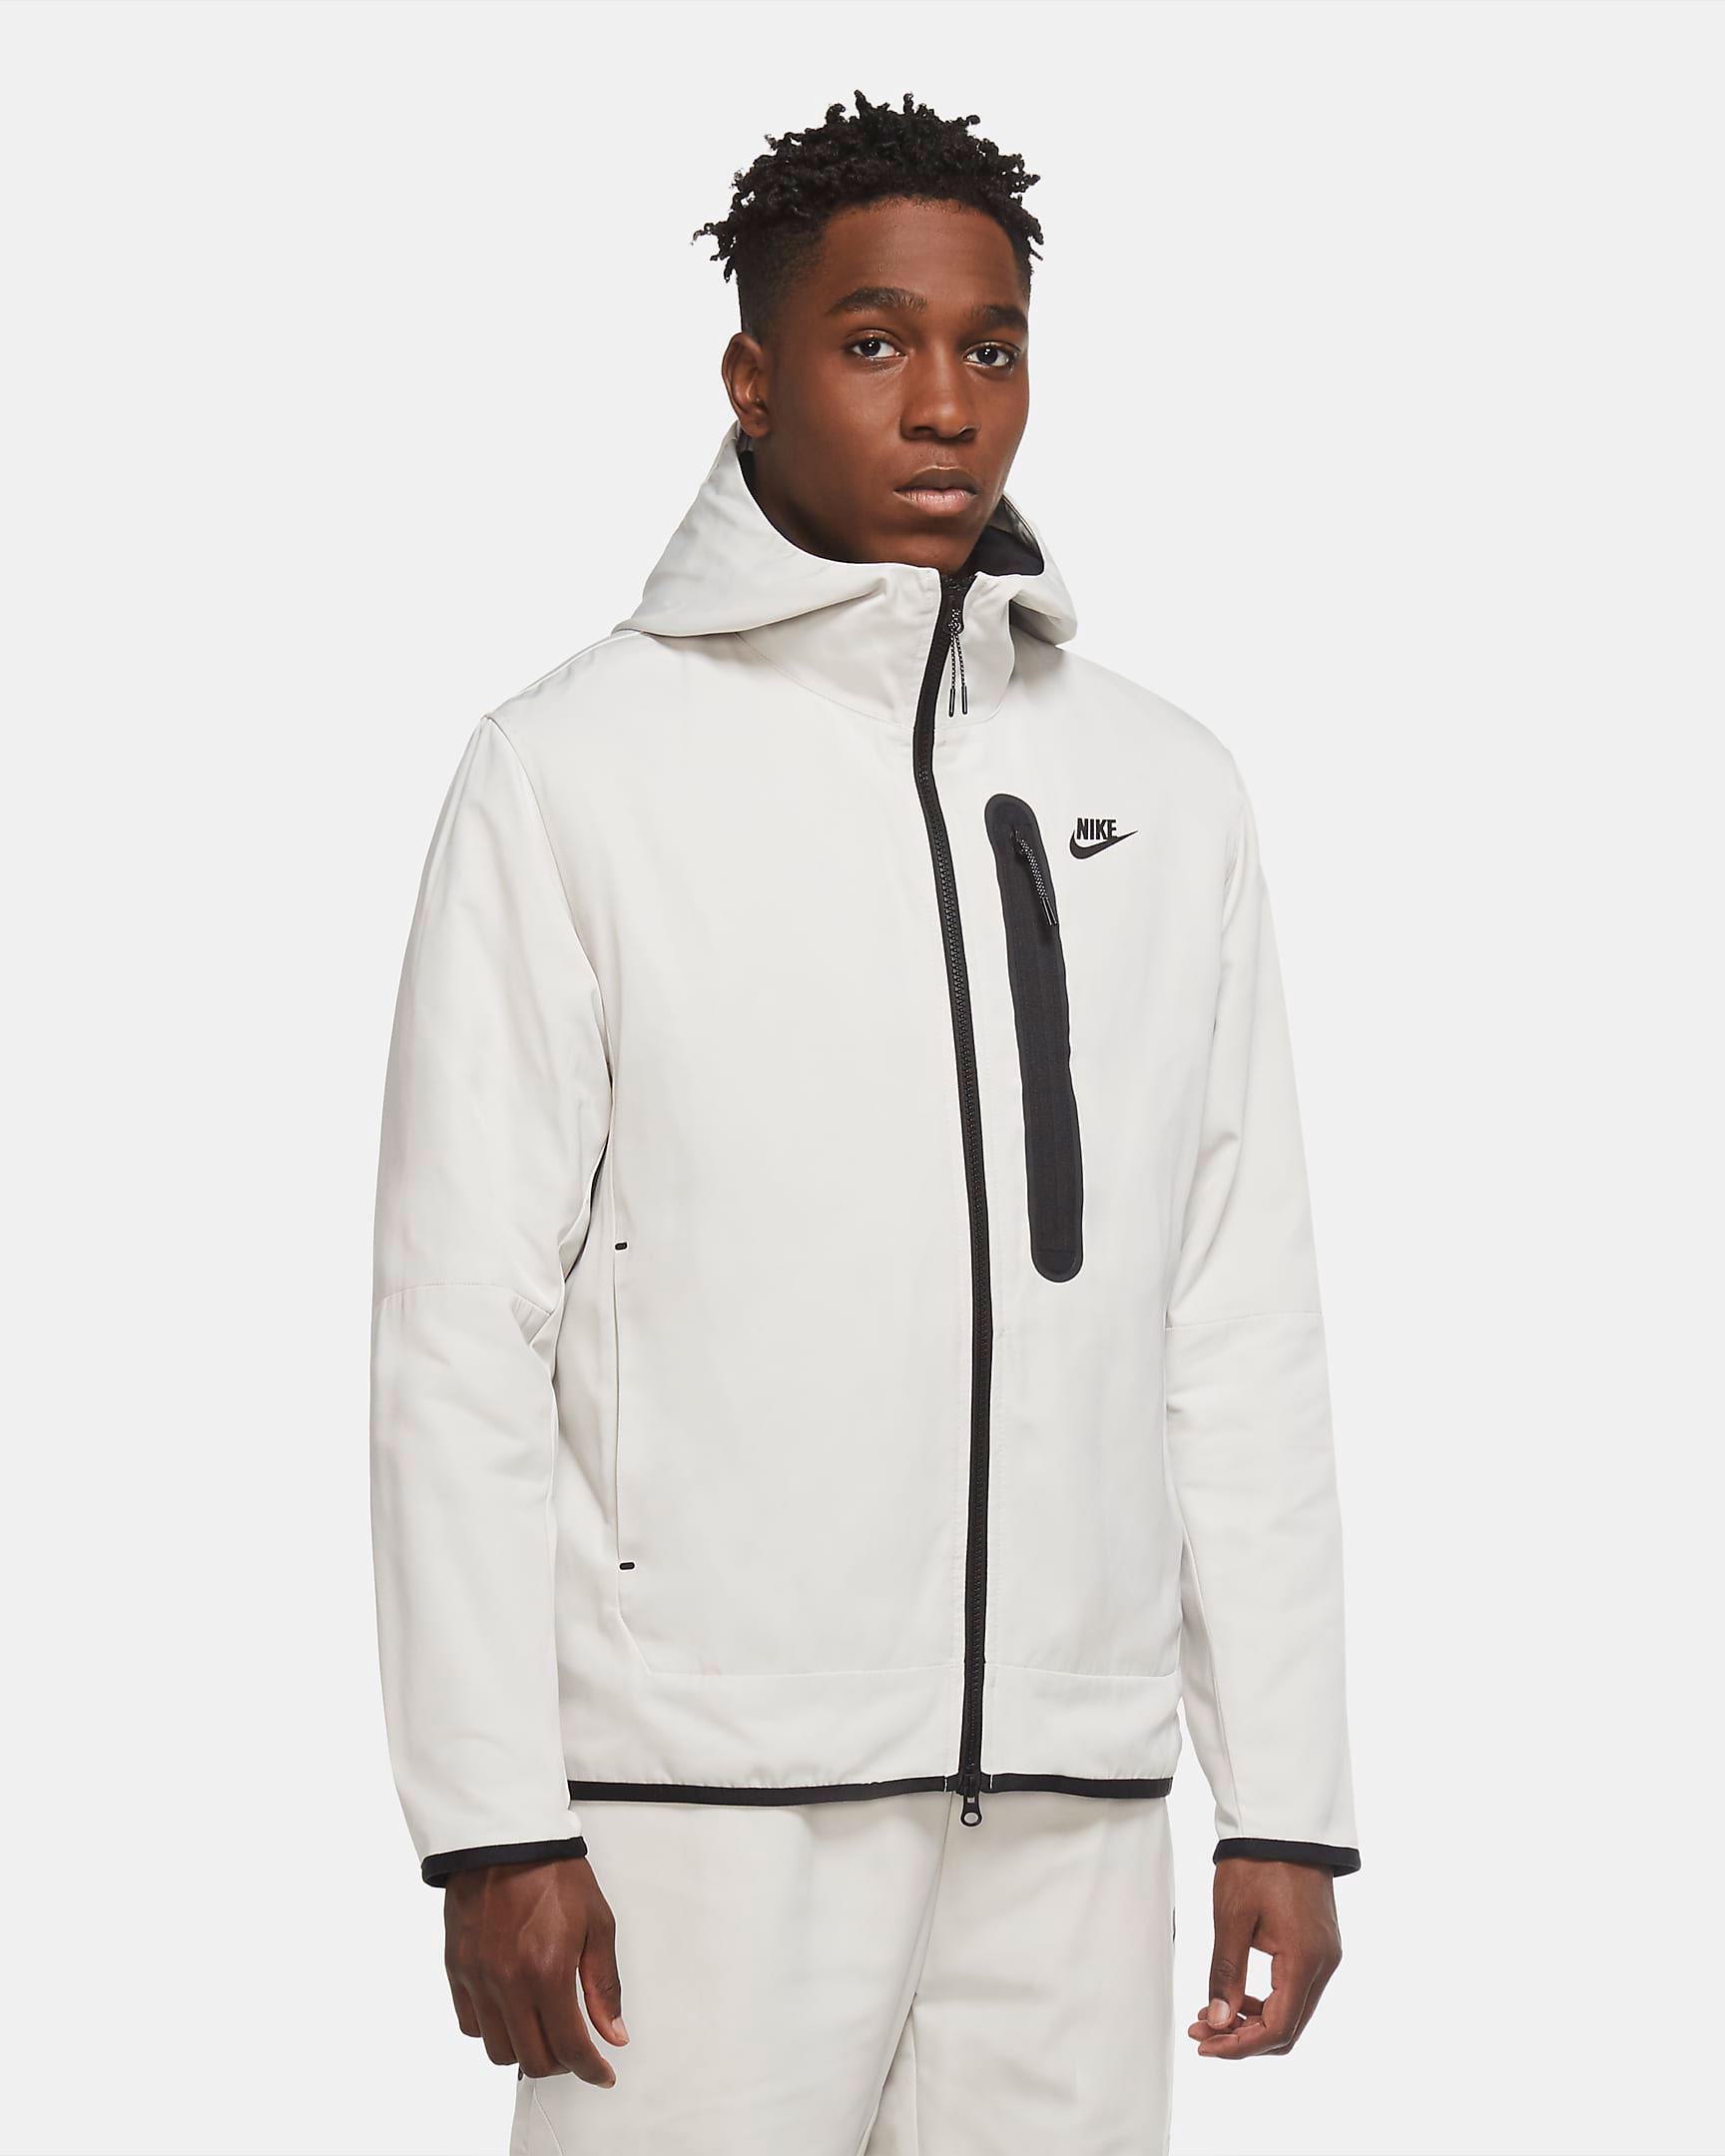 off-white-air-jordan-5-sail-nike-hoodie-jacket-match